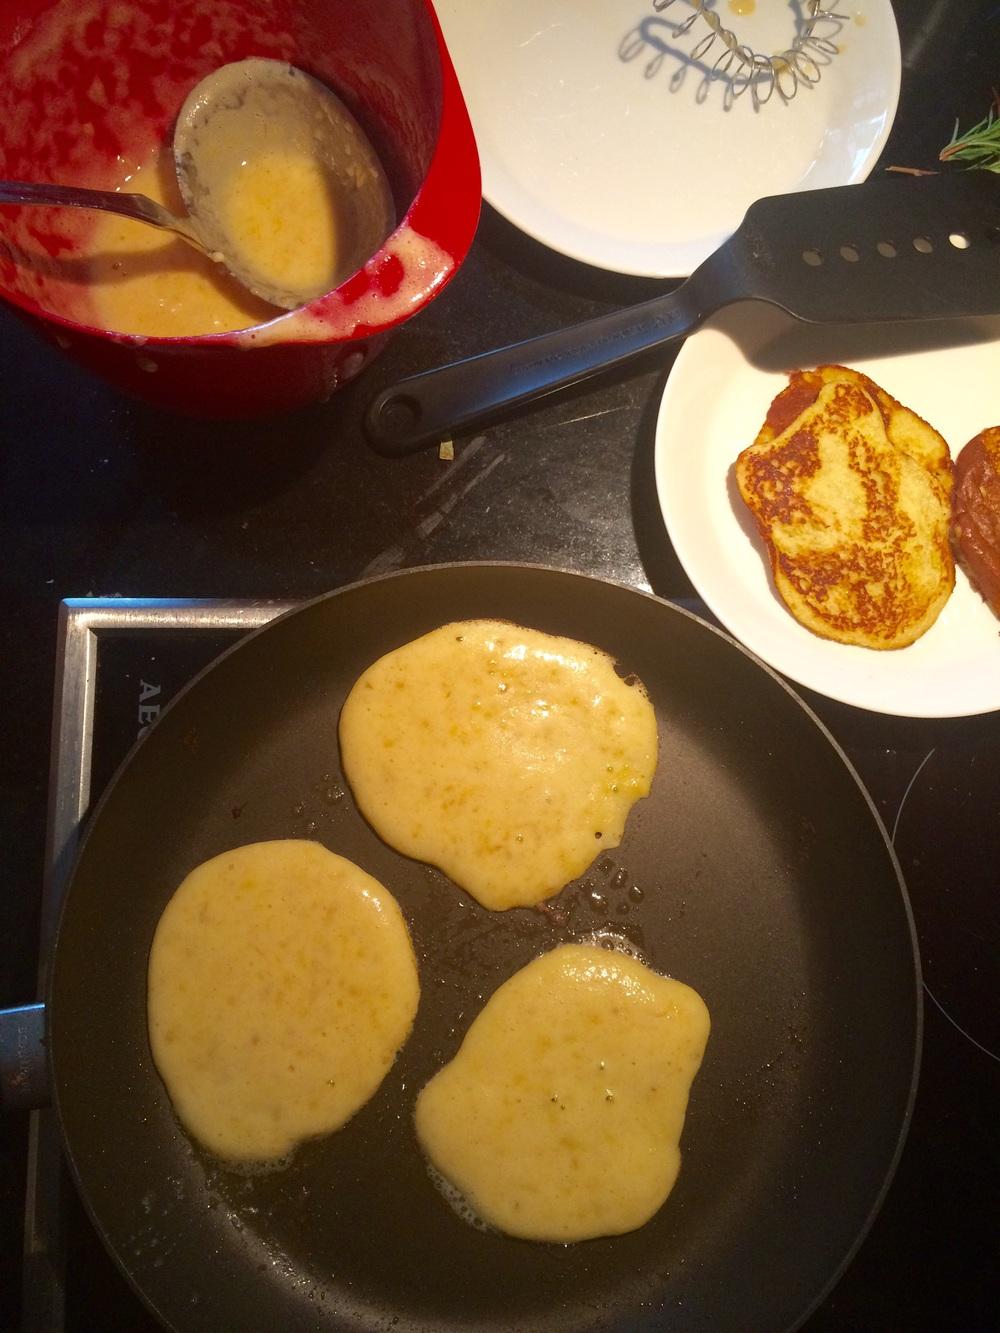 Vips! Litt smågris, men mest kos. Smaker godt med syltetøy, med stekt bacon, eller bare med litt sukker og presset sitron. Mmm!